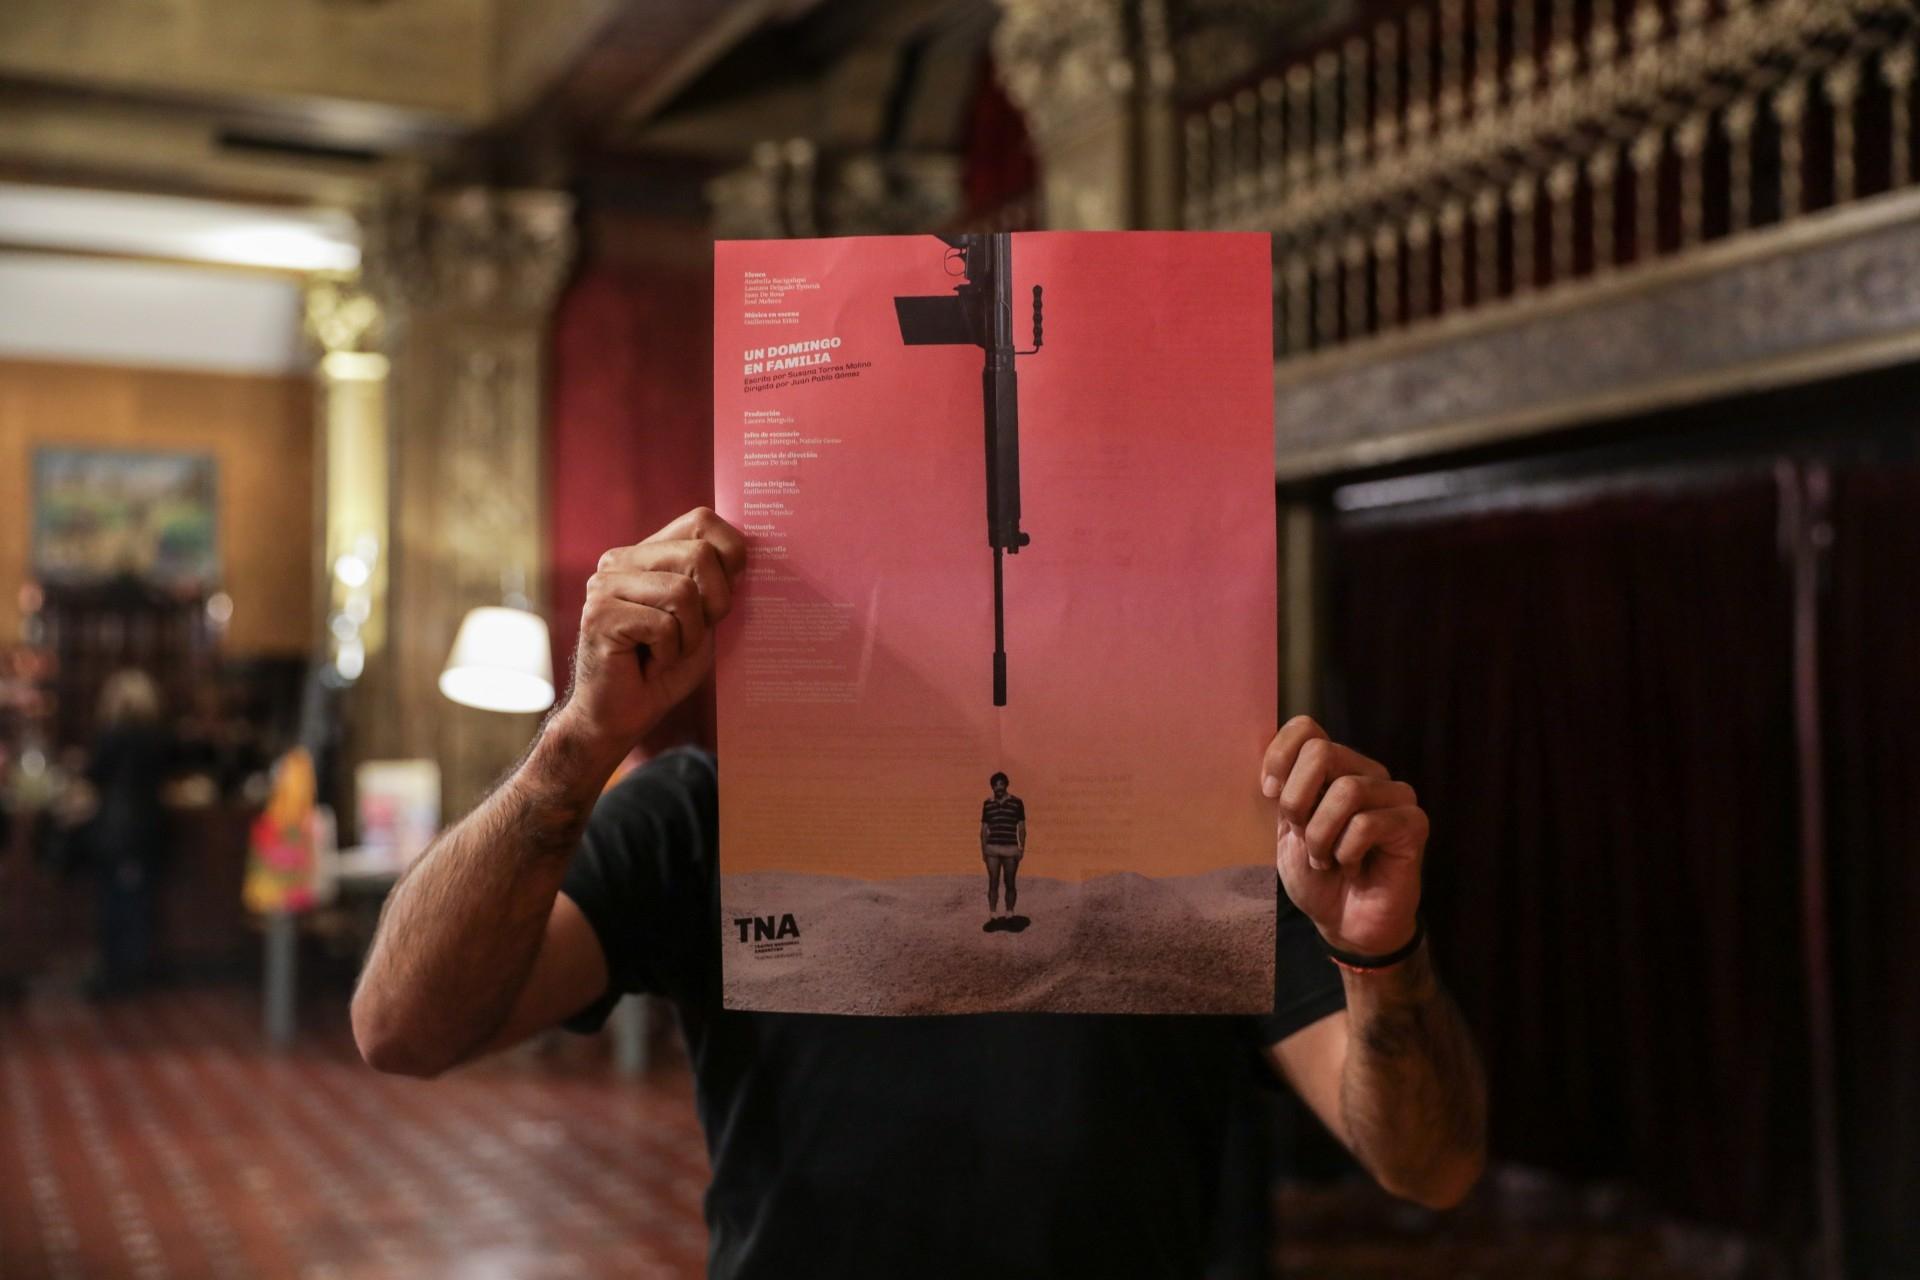 Diseño de afiches Teatro Nacional Argentino - Teatro Cervantes - Un domingo en familia